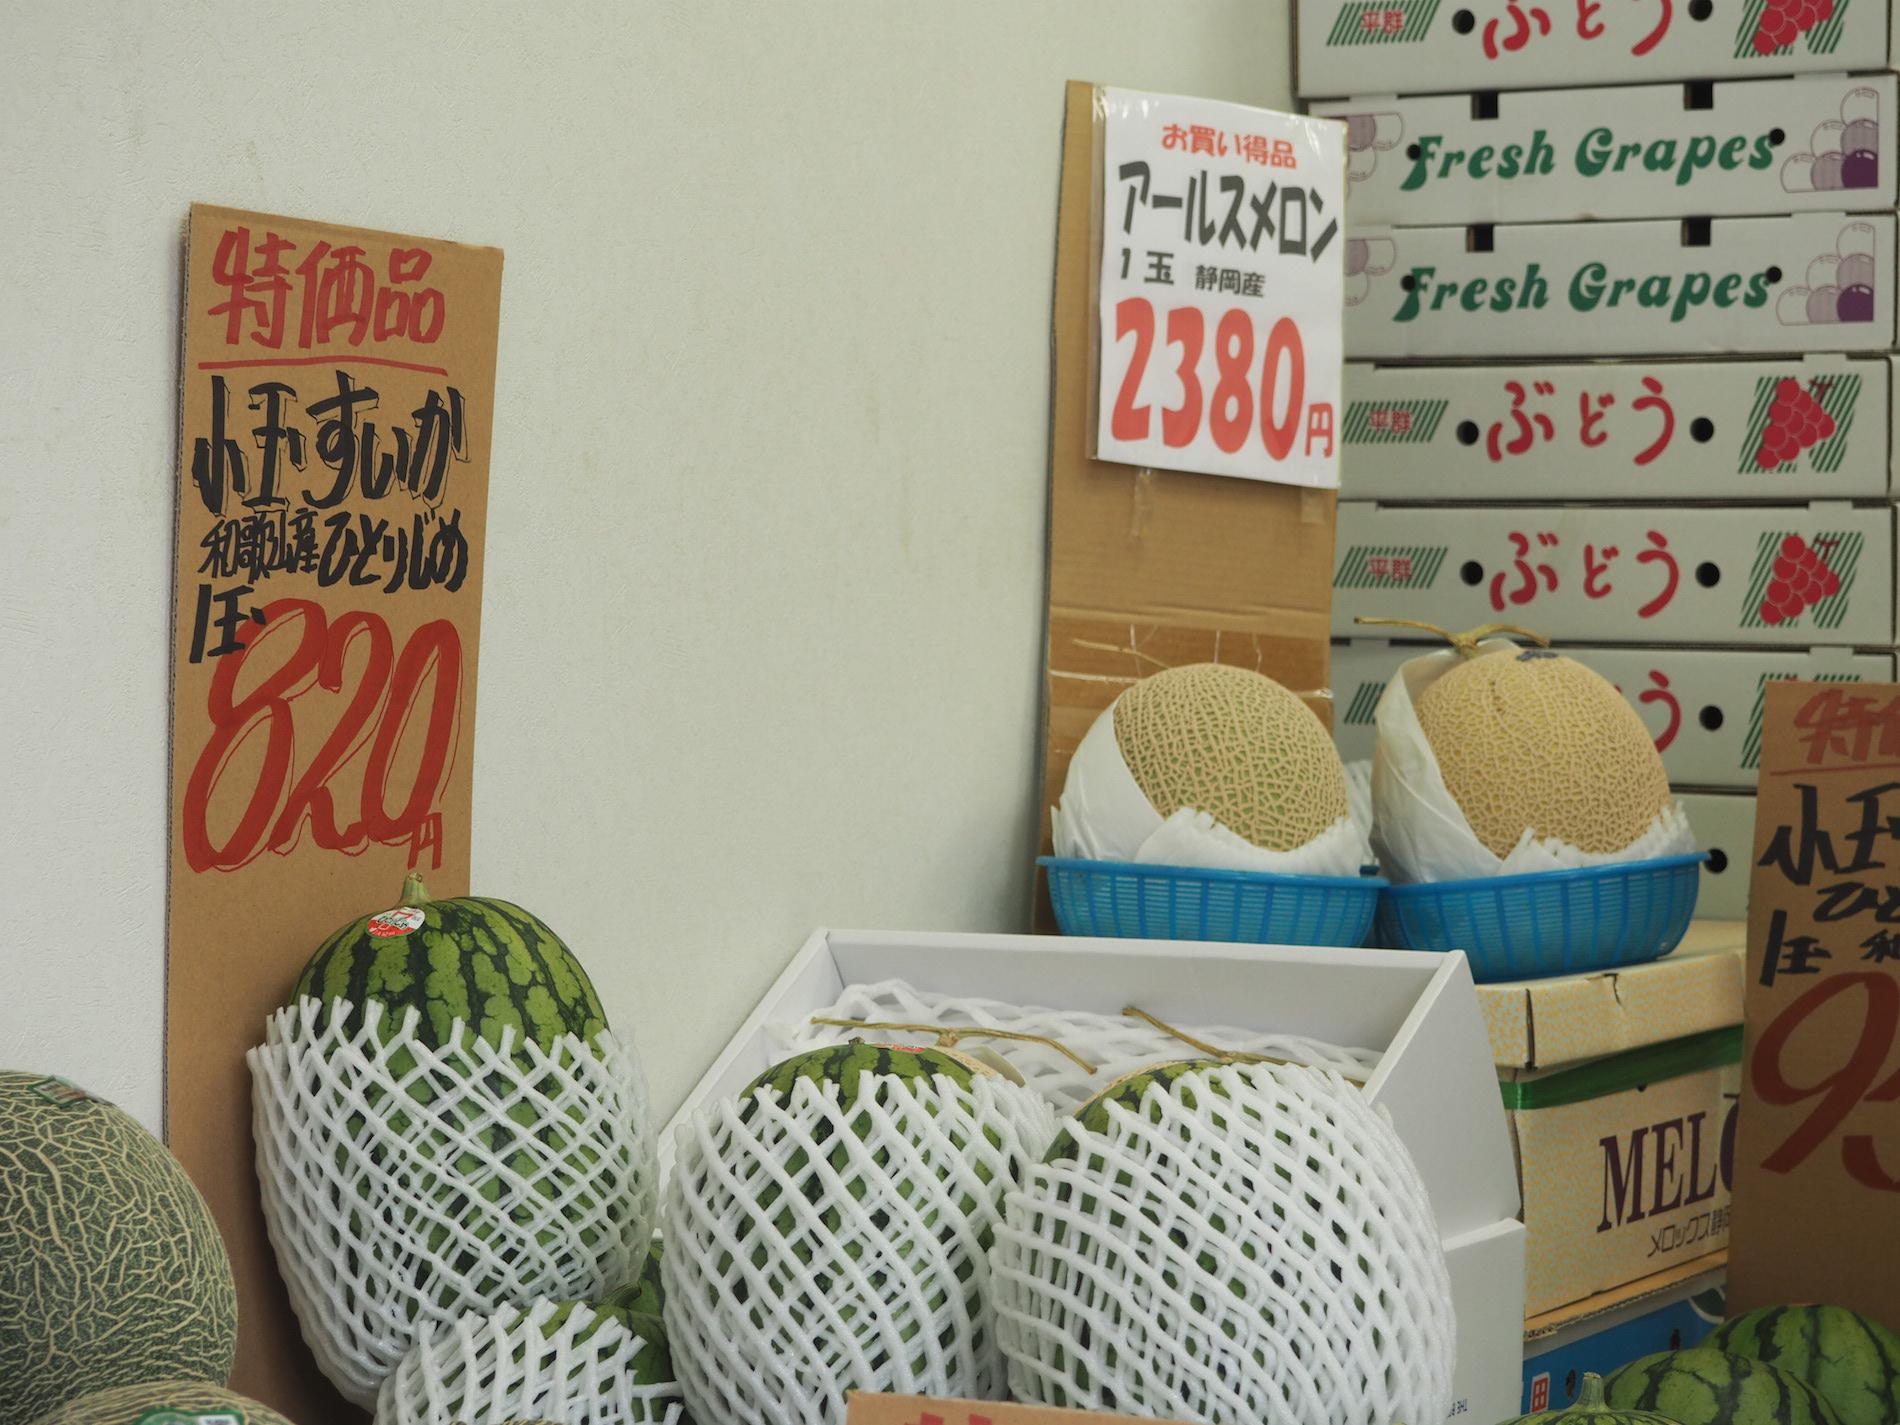 prix-Melon-Japon